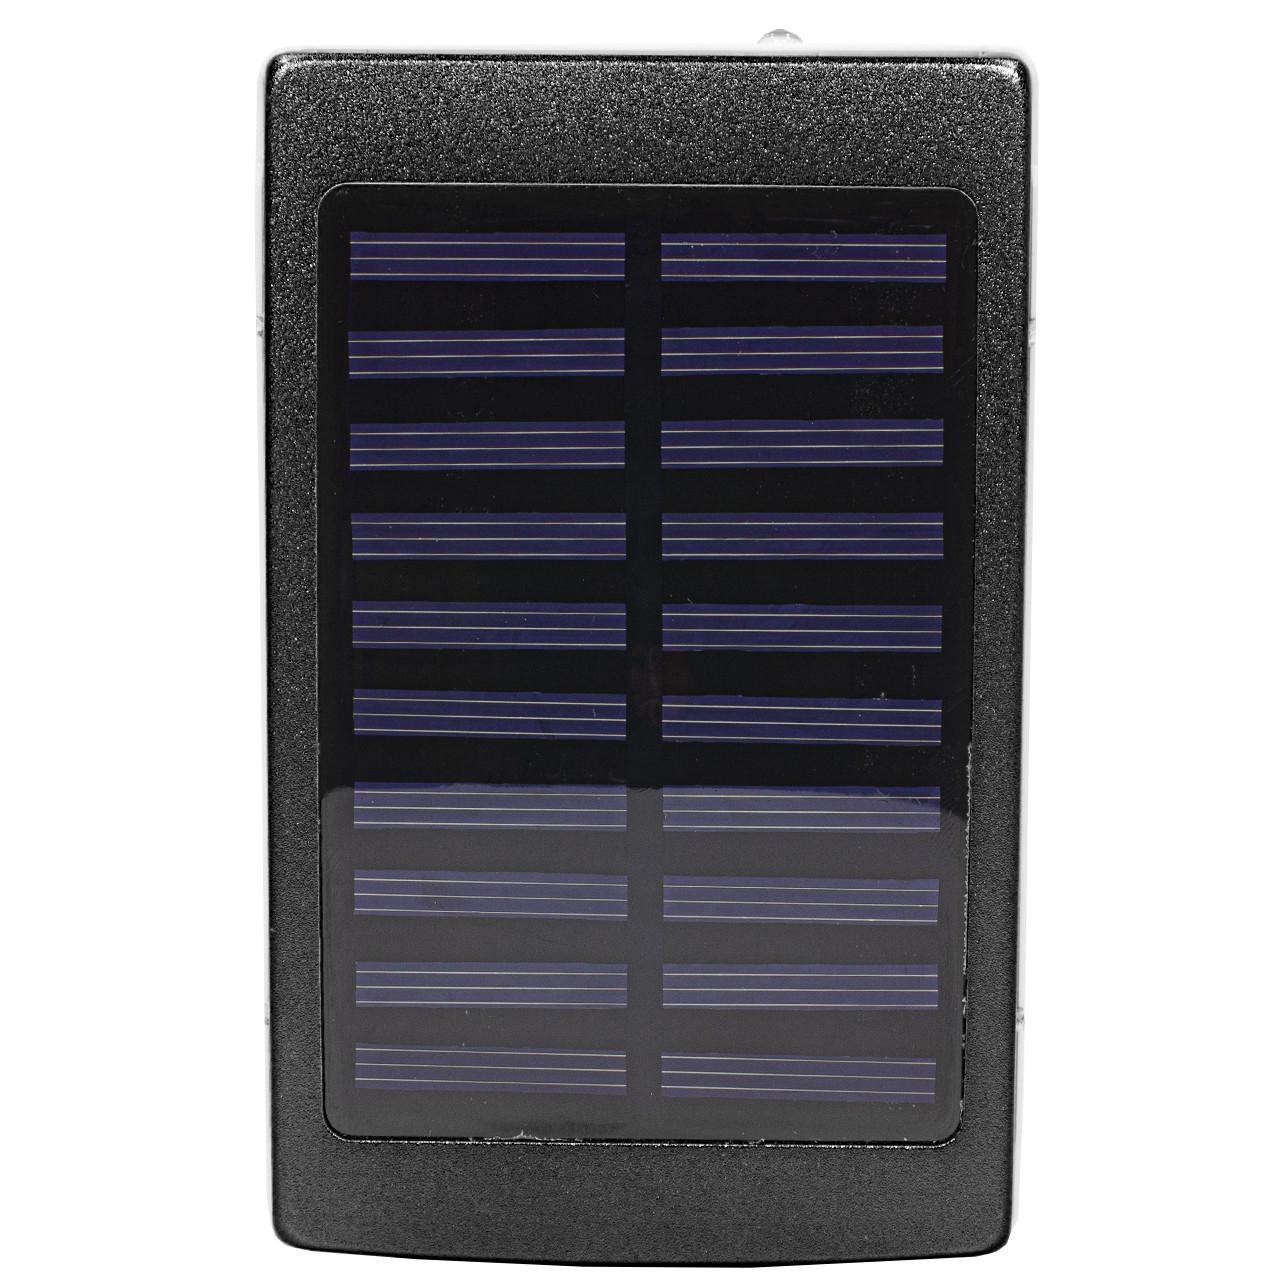 Зовнішній акумулятор Power bank Solar PB-6 з сонячною панеллю 6000 мАч стробоскоп Black